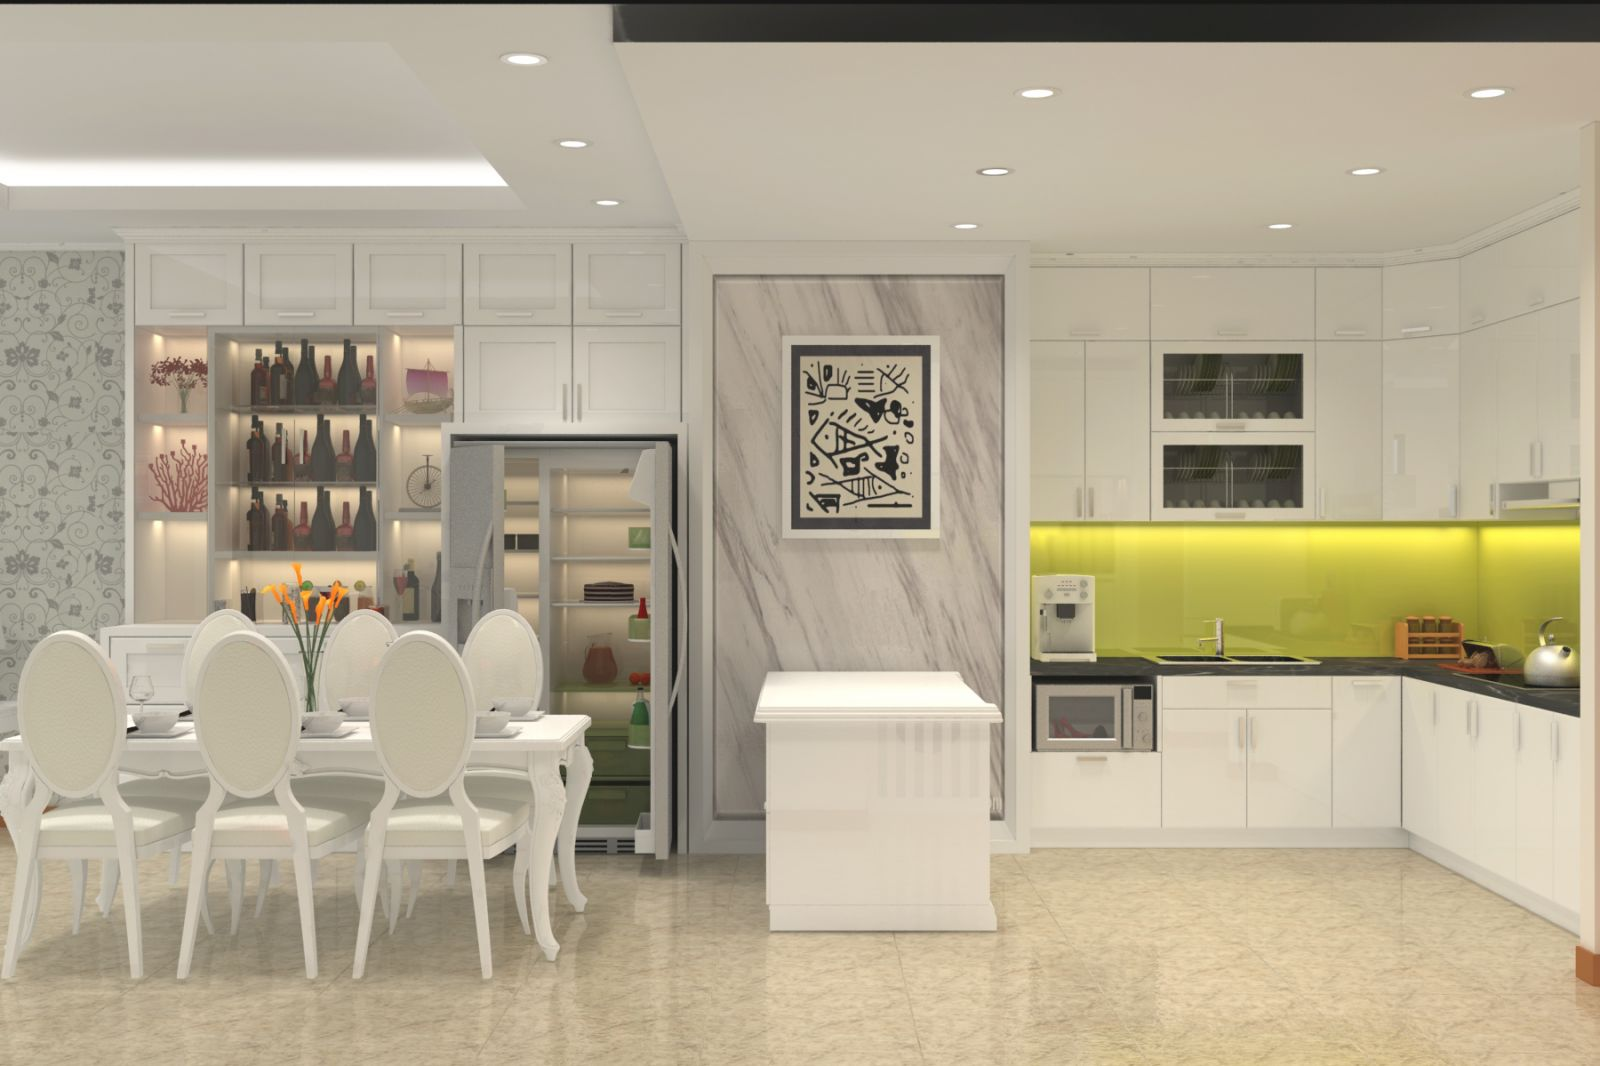 Với nền trắng chủ đạo, gia chủ có thể tạo điểm nhấn riêng cho không gian nhà bếp bằng những đường nét nhỏ